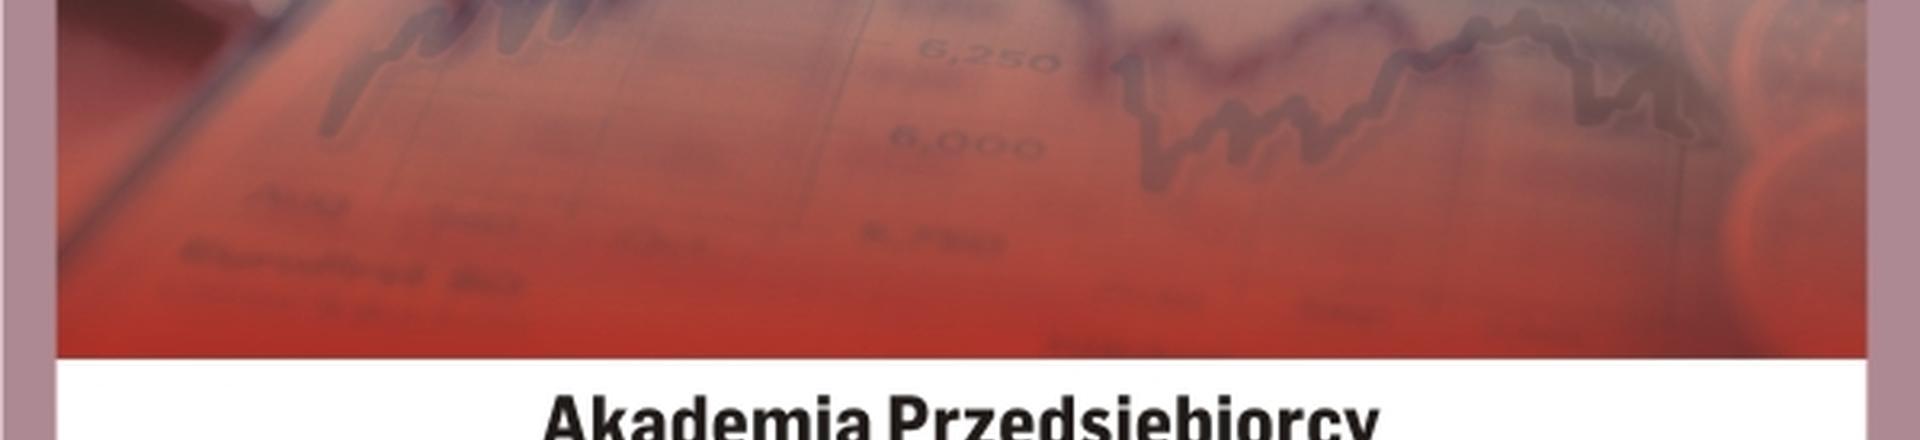 Cykl Akademia Przedsiębiorcy: Kapitał i bezpieczeństwo Twojej firmy - Tarnów